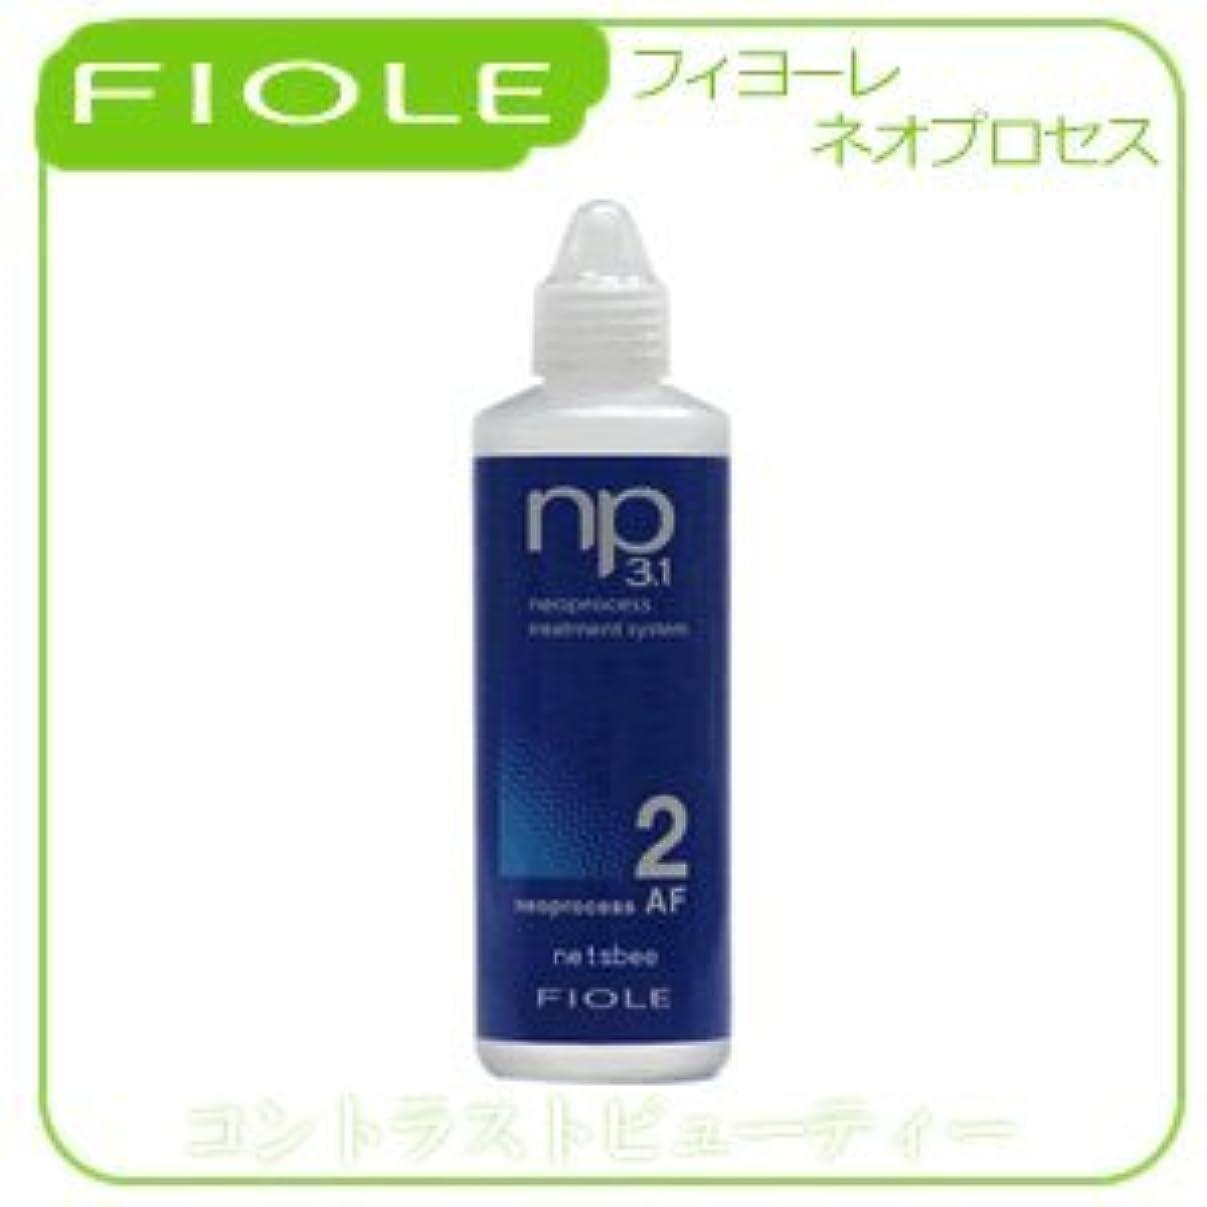 光会計士スピン【X4個セット】 フィヨーレ NP3.1 ネオプロセス AF2 130ml FIOLE ネオプロセス